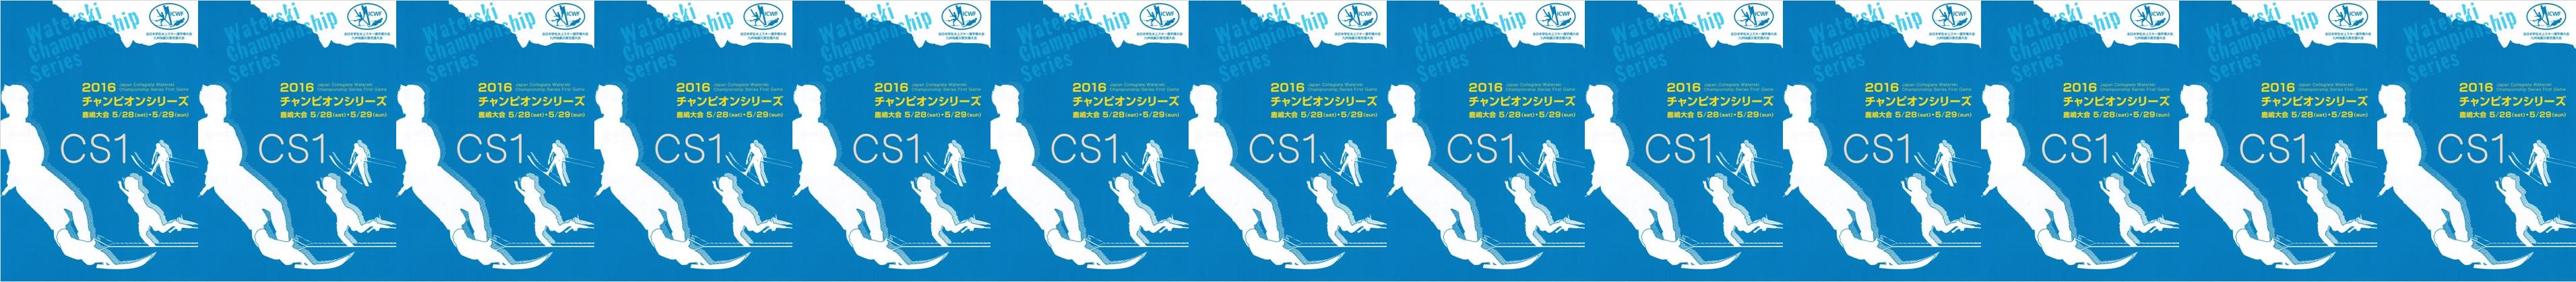 2016CS1 M's Title